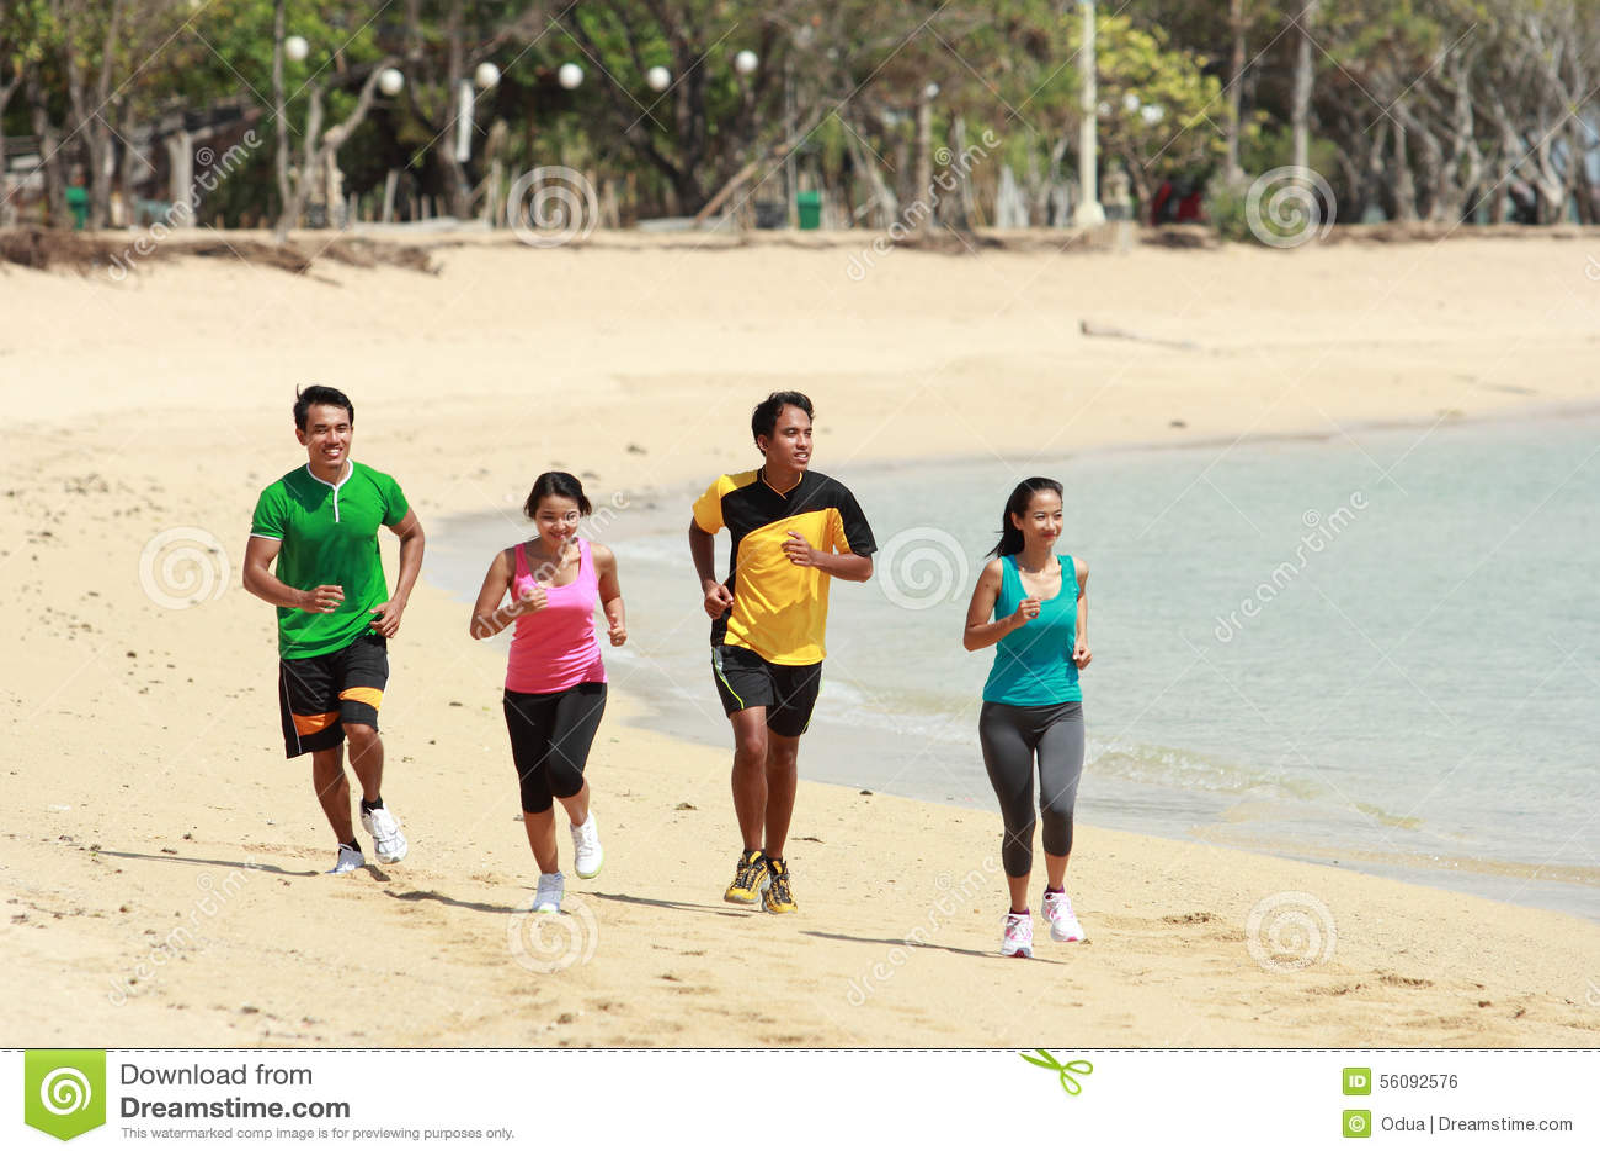 Ομάδα ανθρώπων που τρέχει στην παραλία, αθλητική έννοια